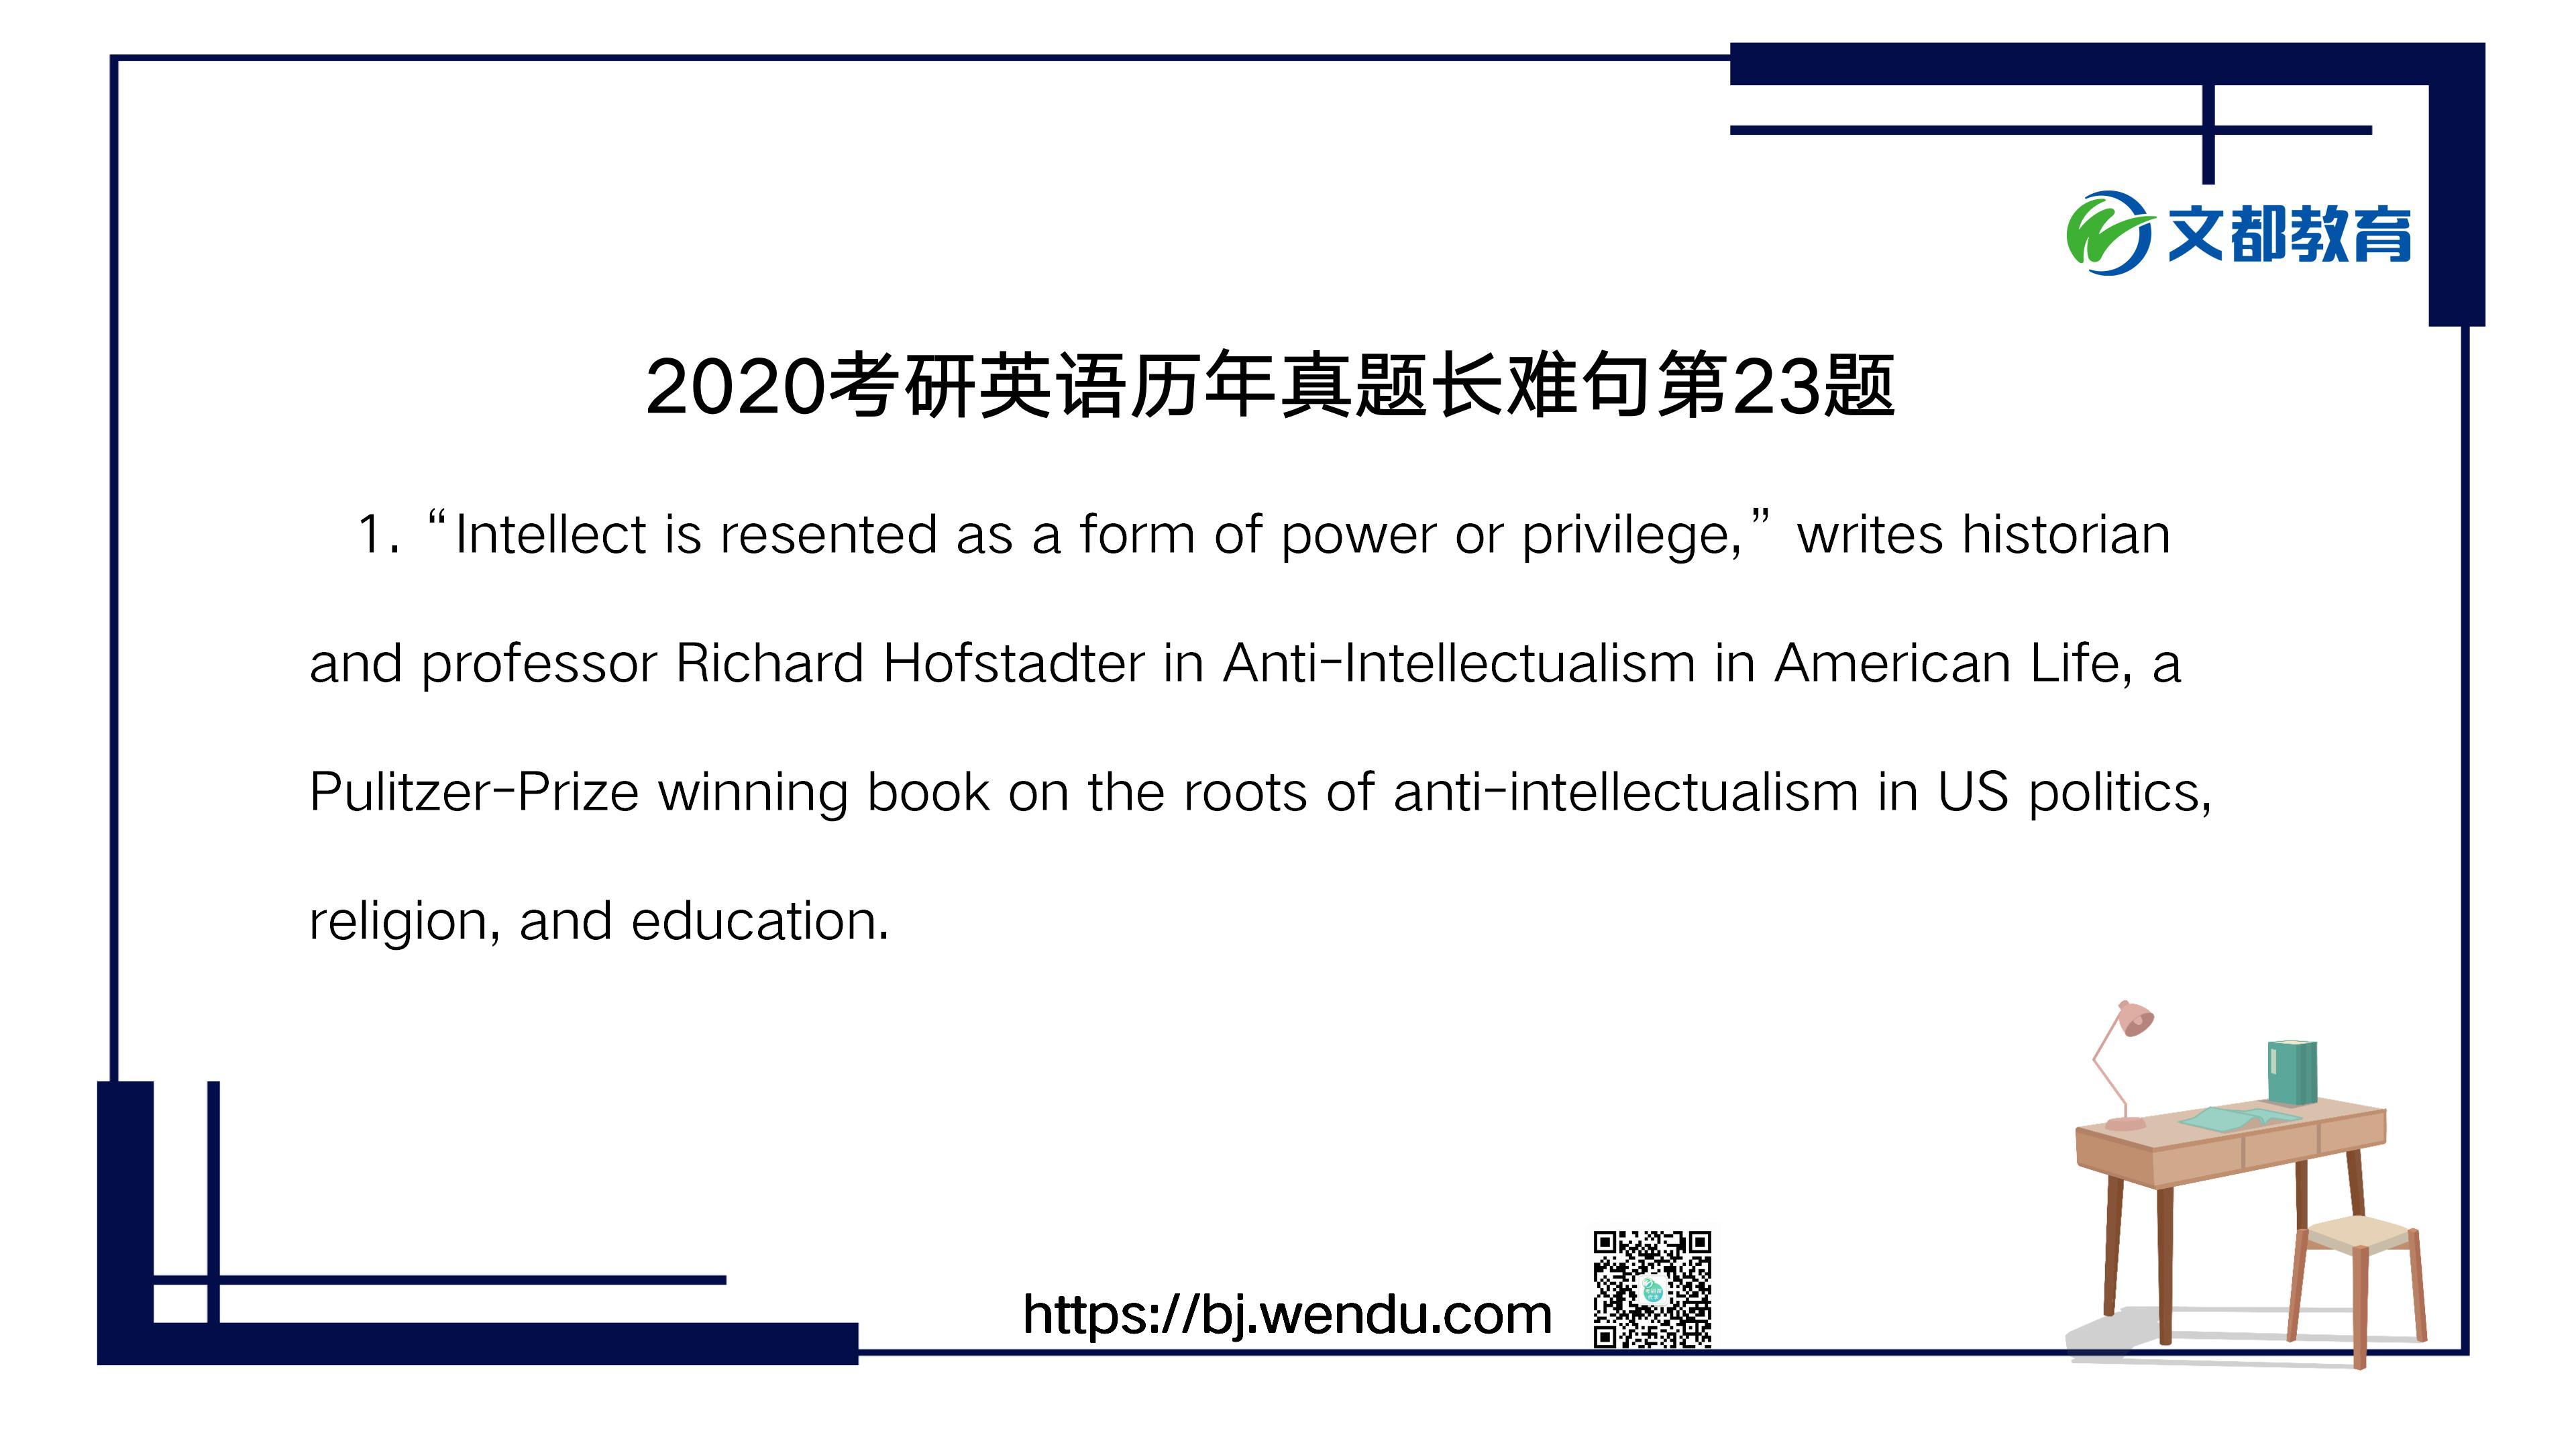 2020考研英语历年真题长难句第23题